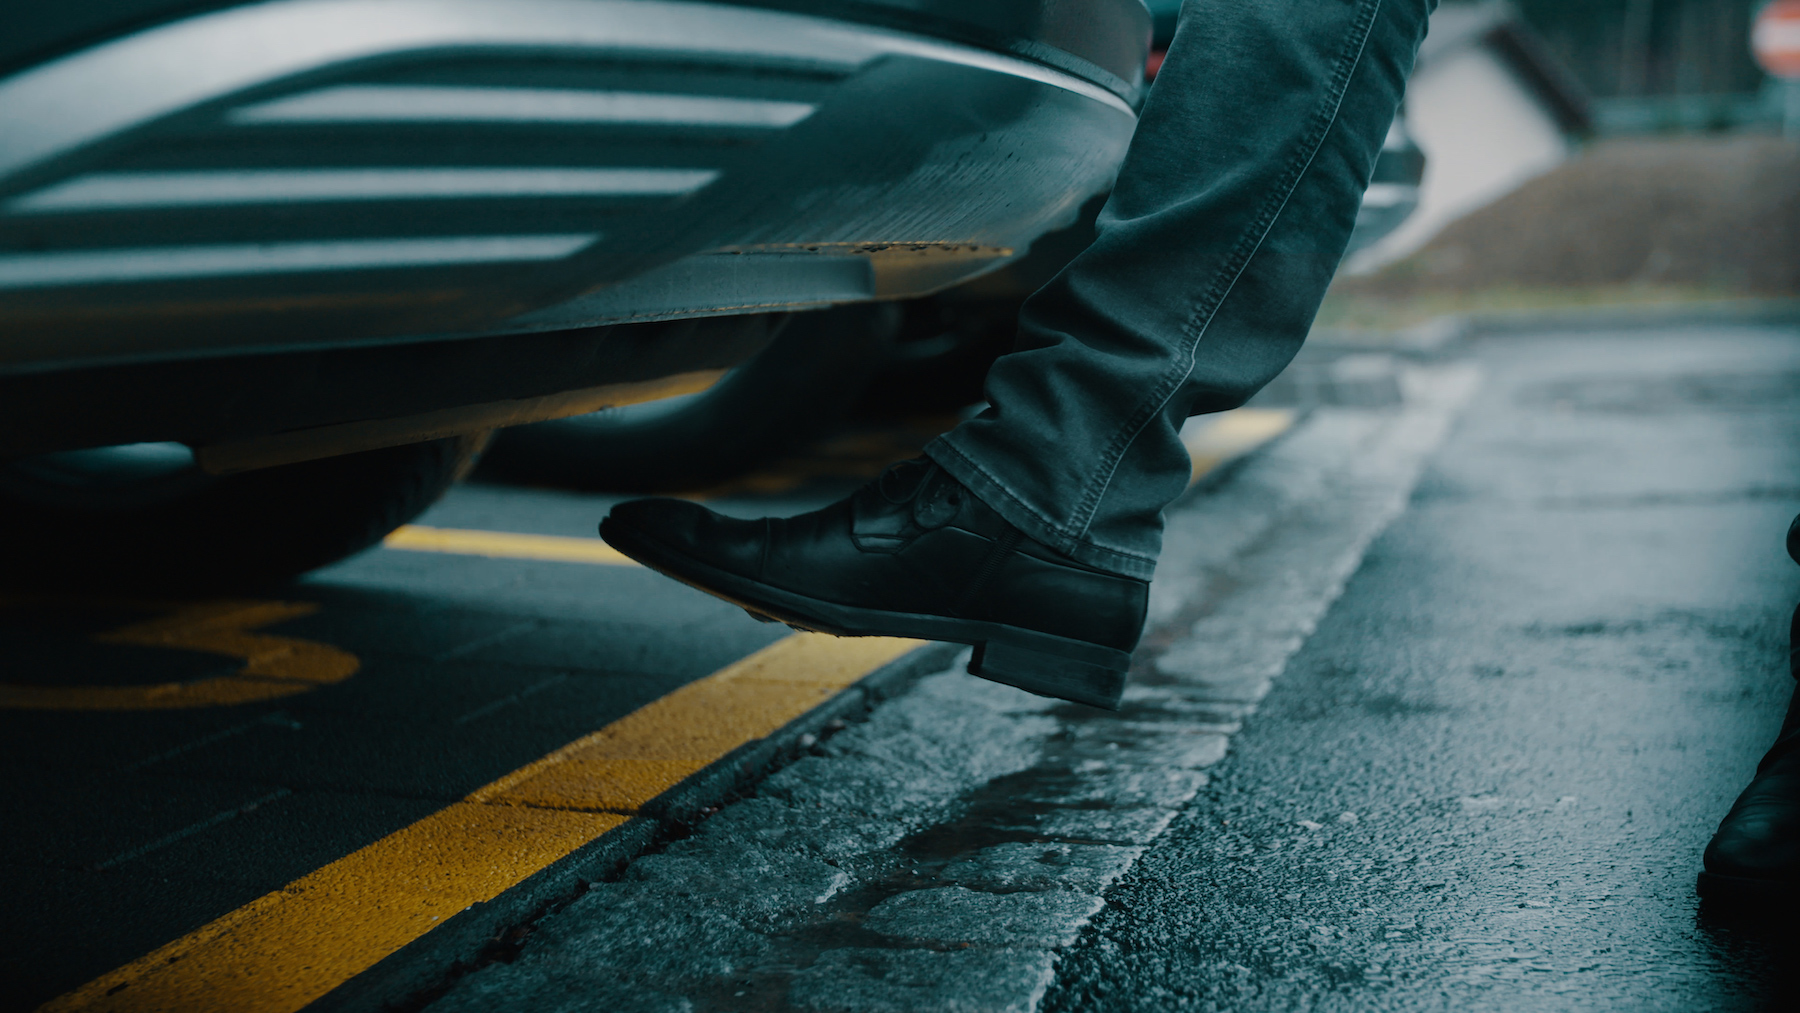 Le hayon de l'Audi e-tron s'ouvre avec le pied grâce à une pédale virtuelle matérialisée par un capteur.